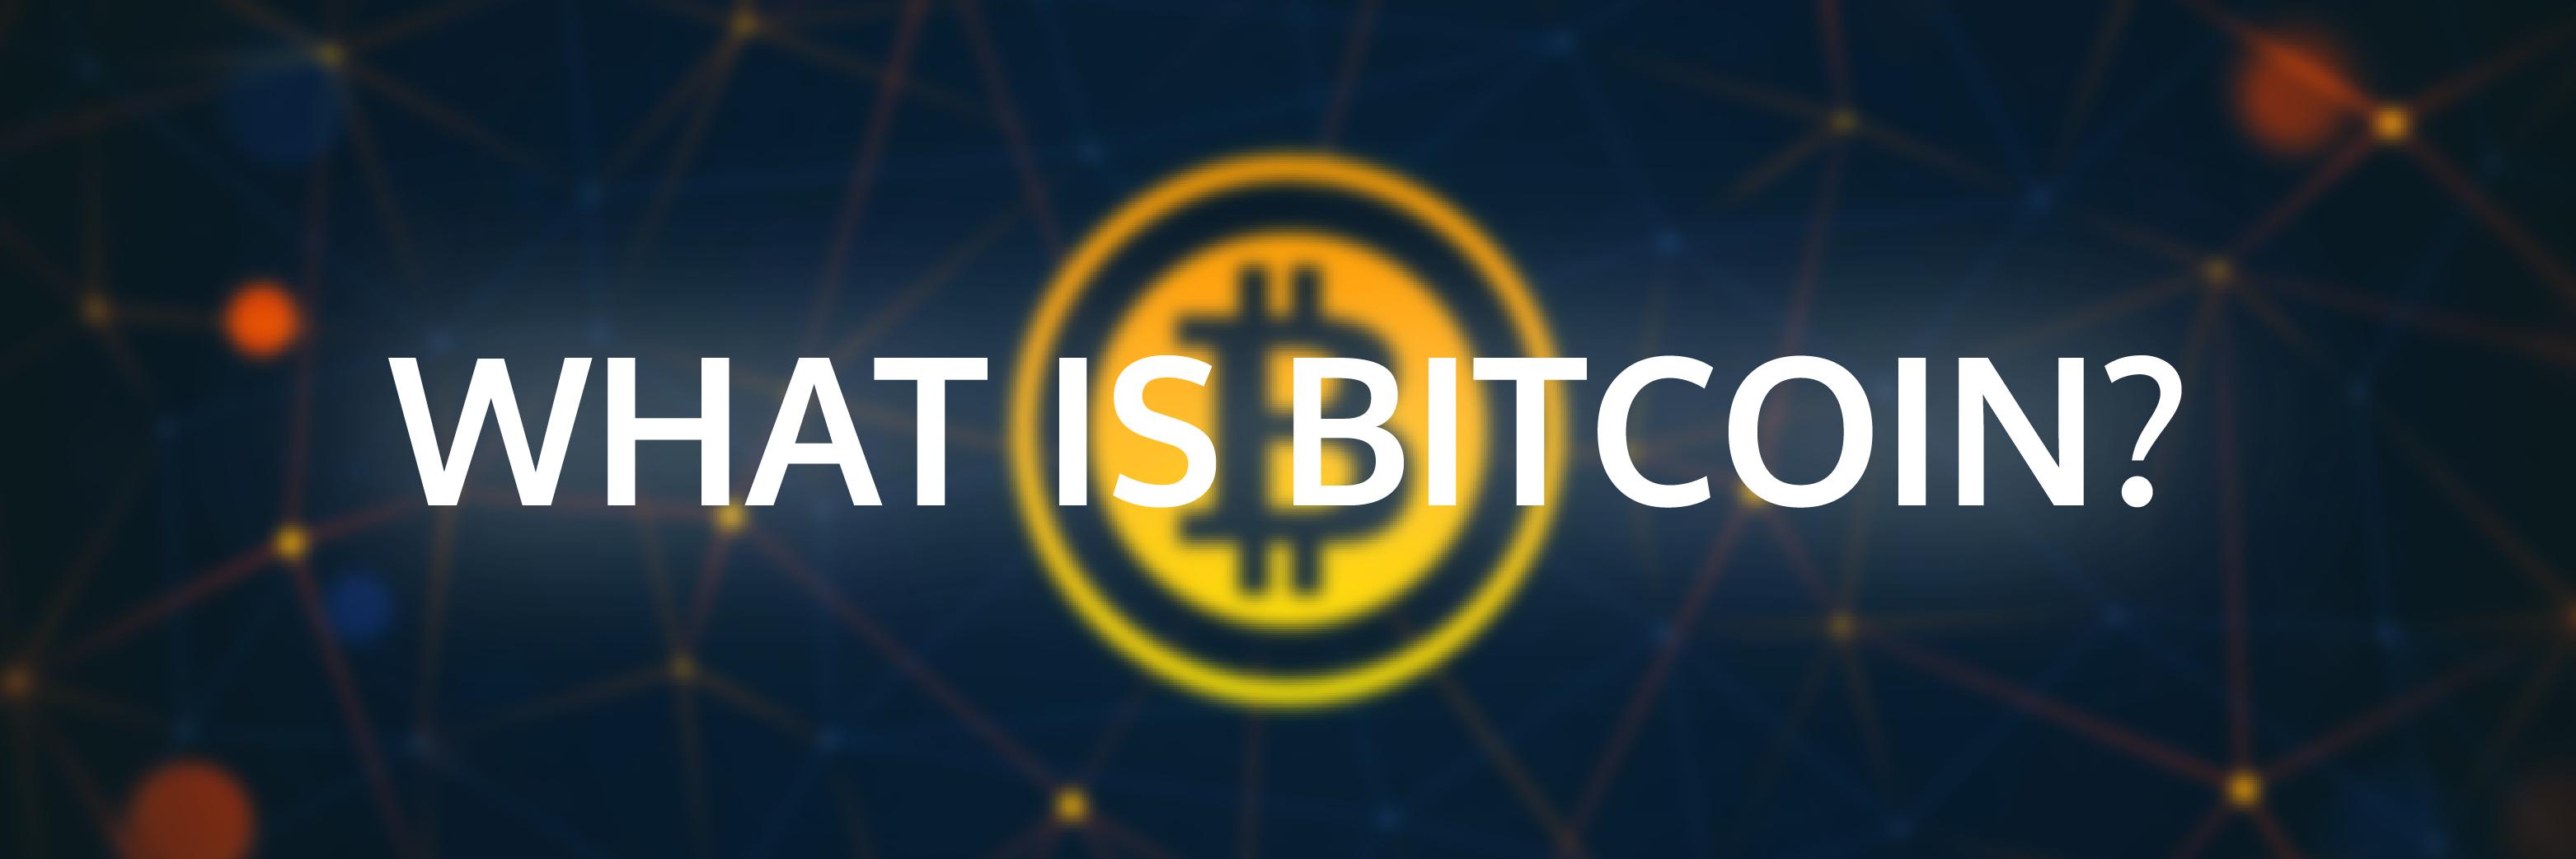 Bitcoin_Header